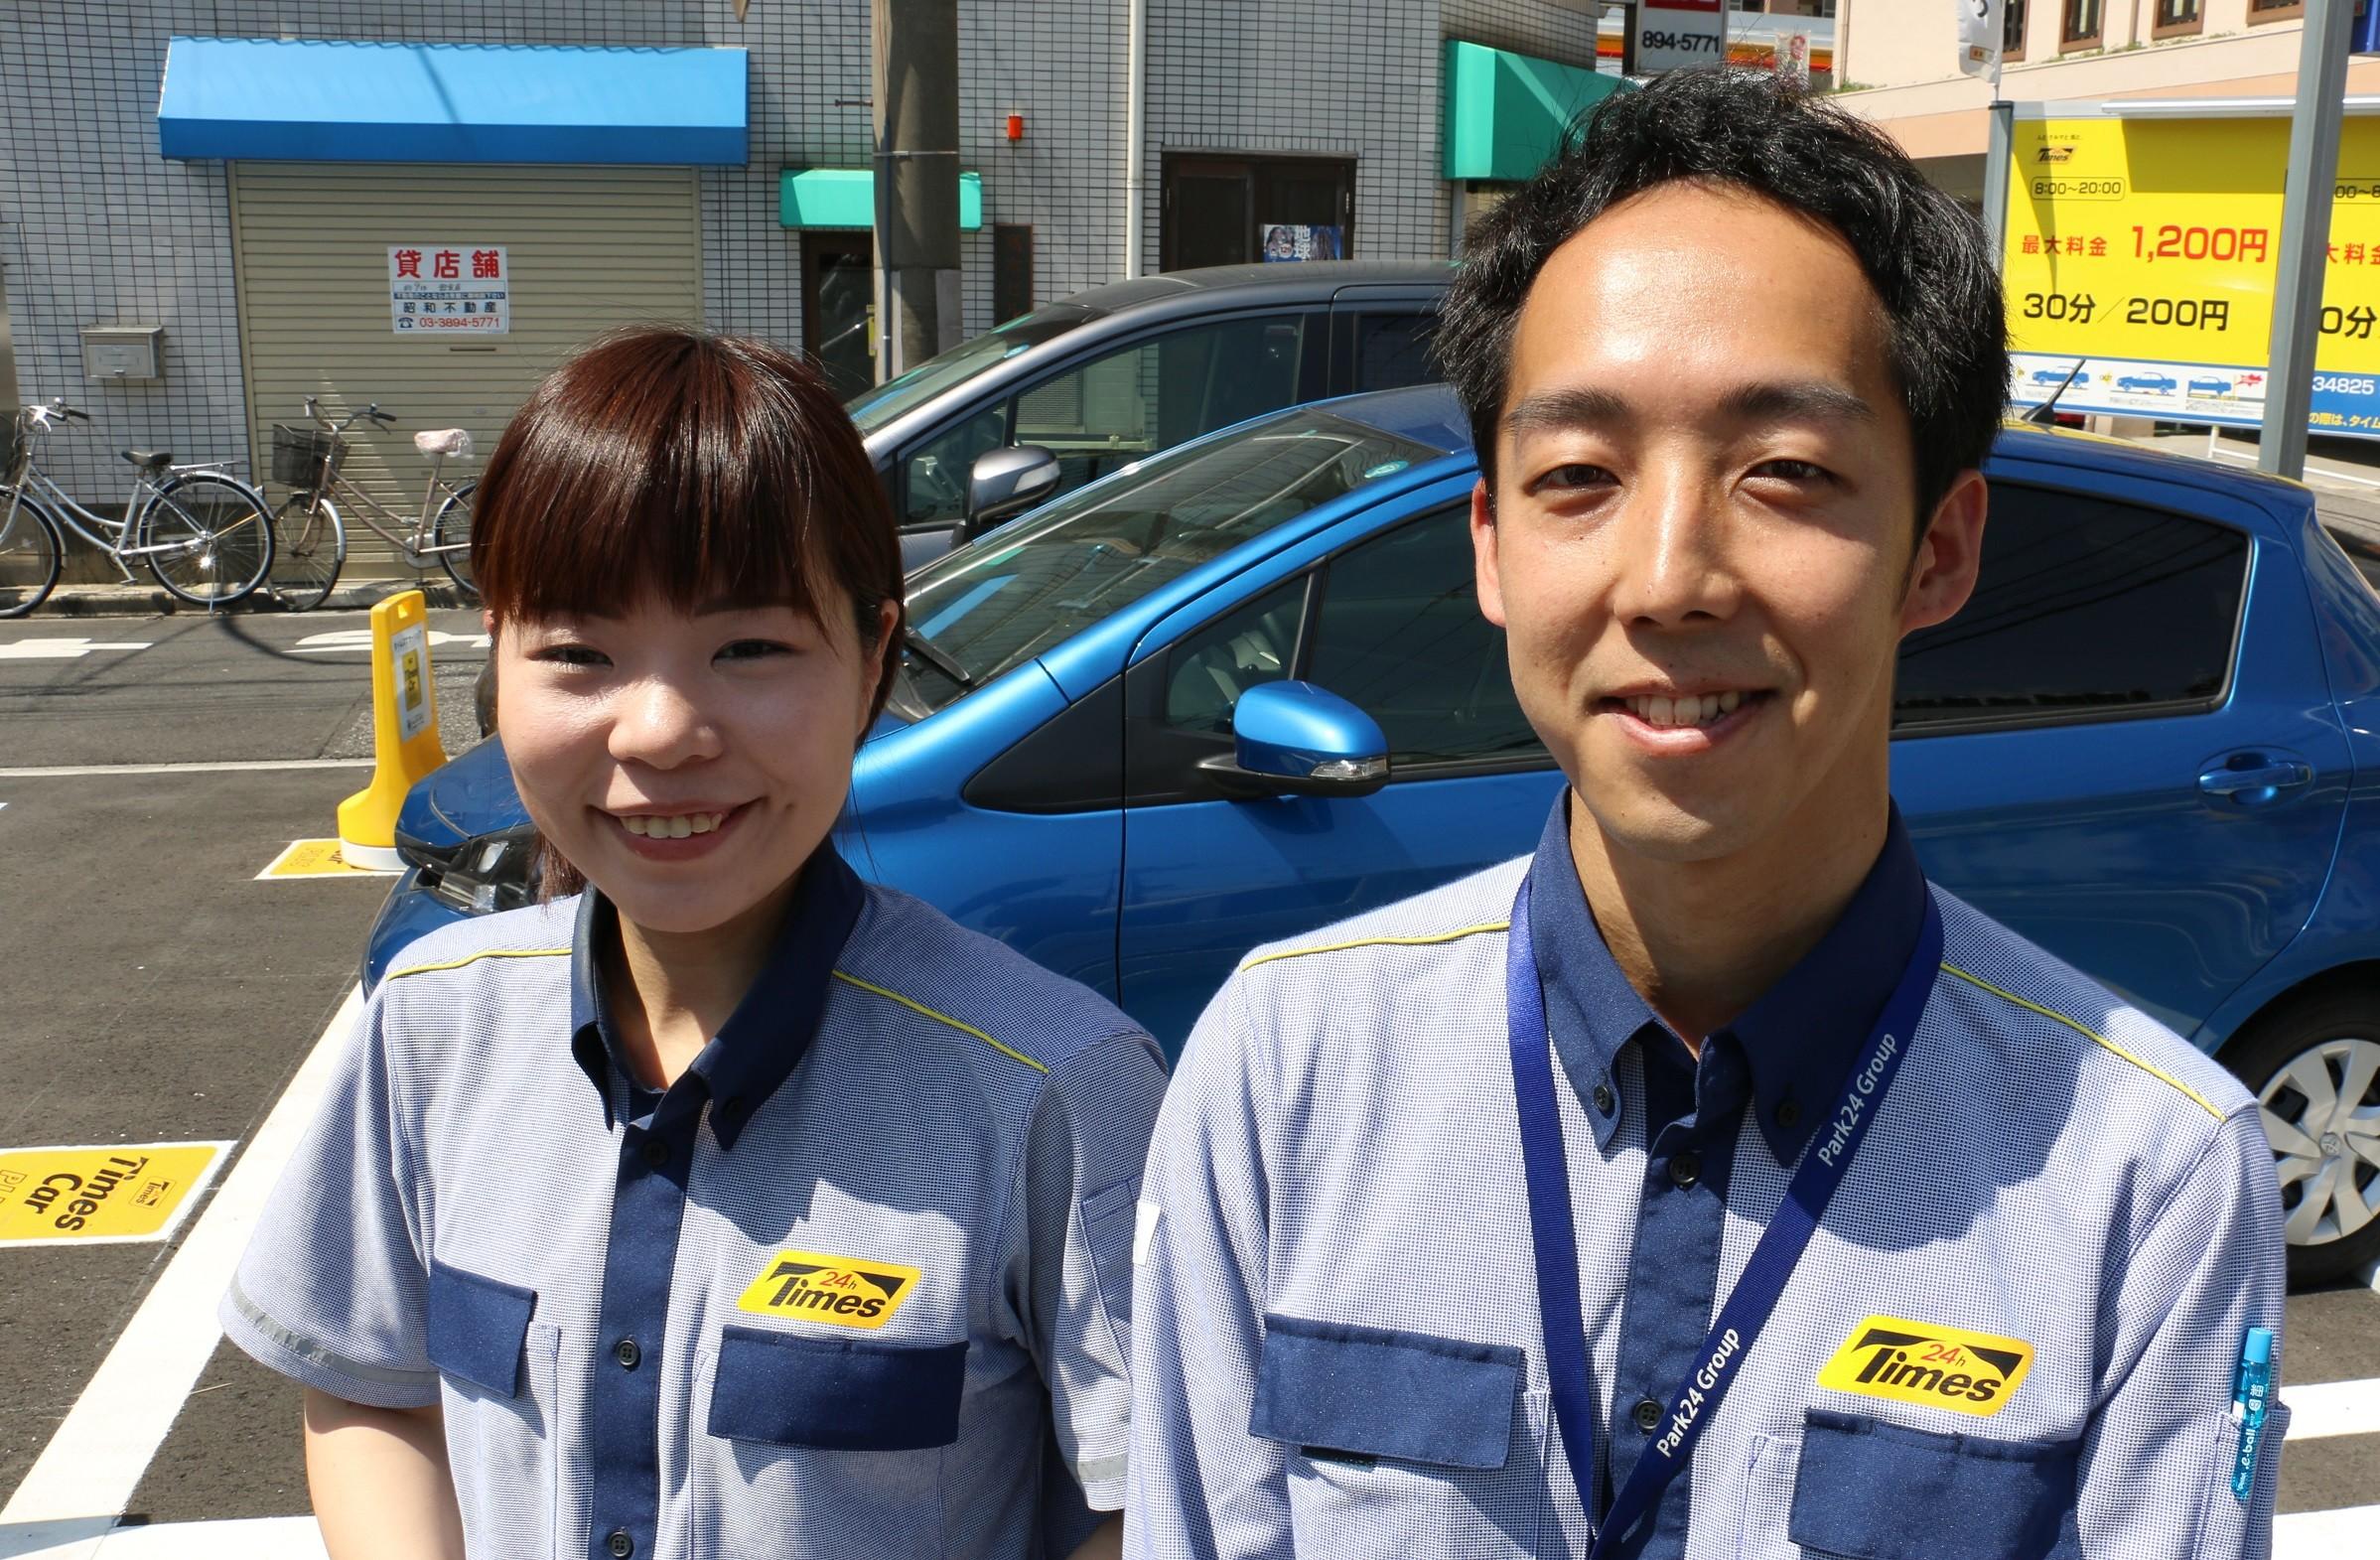 タイムズサービス株式会社 北関東支店 TPS点検 のアルバイト情報